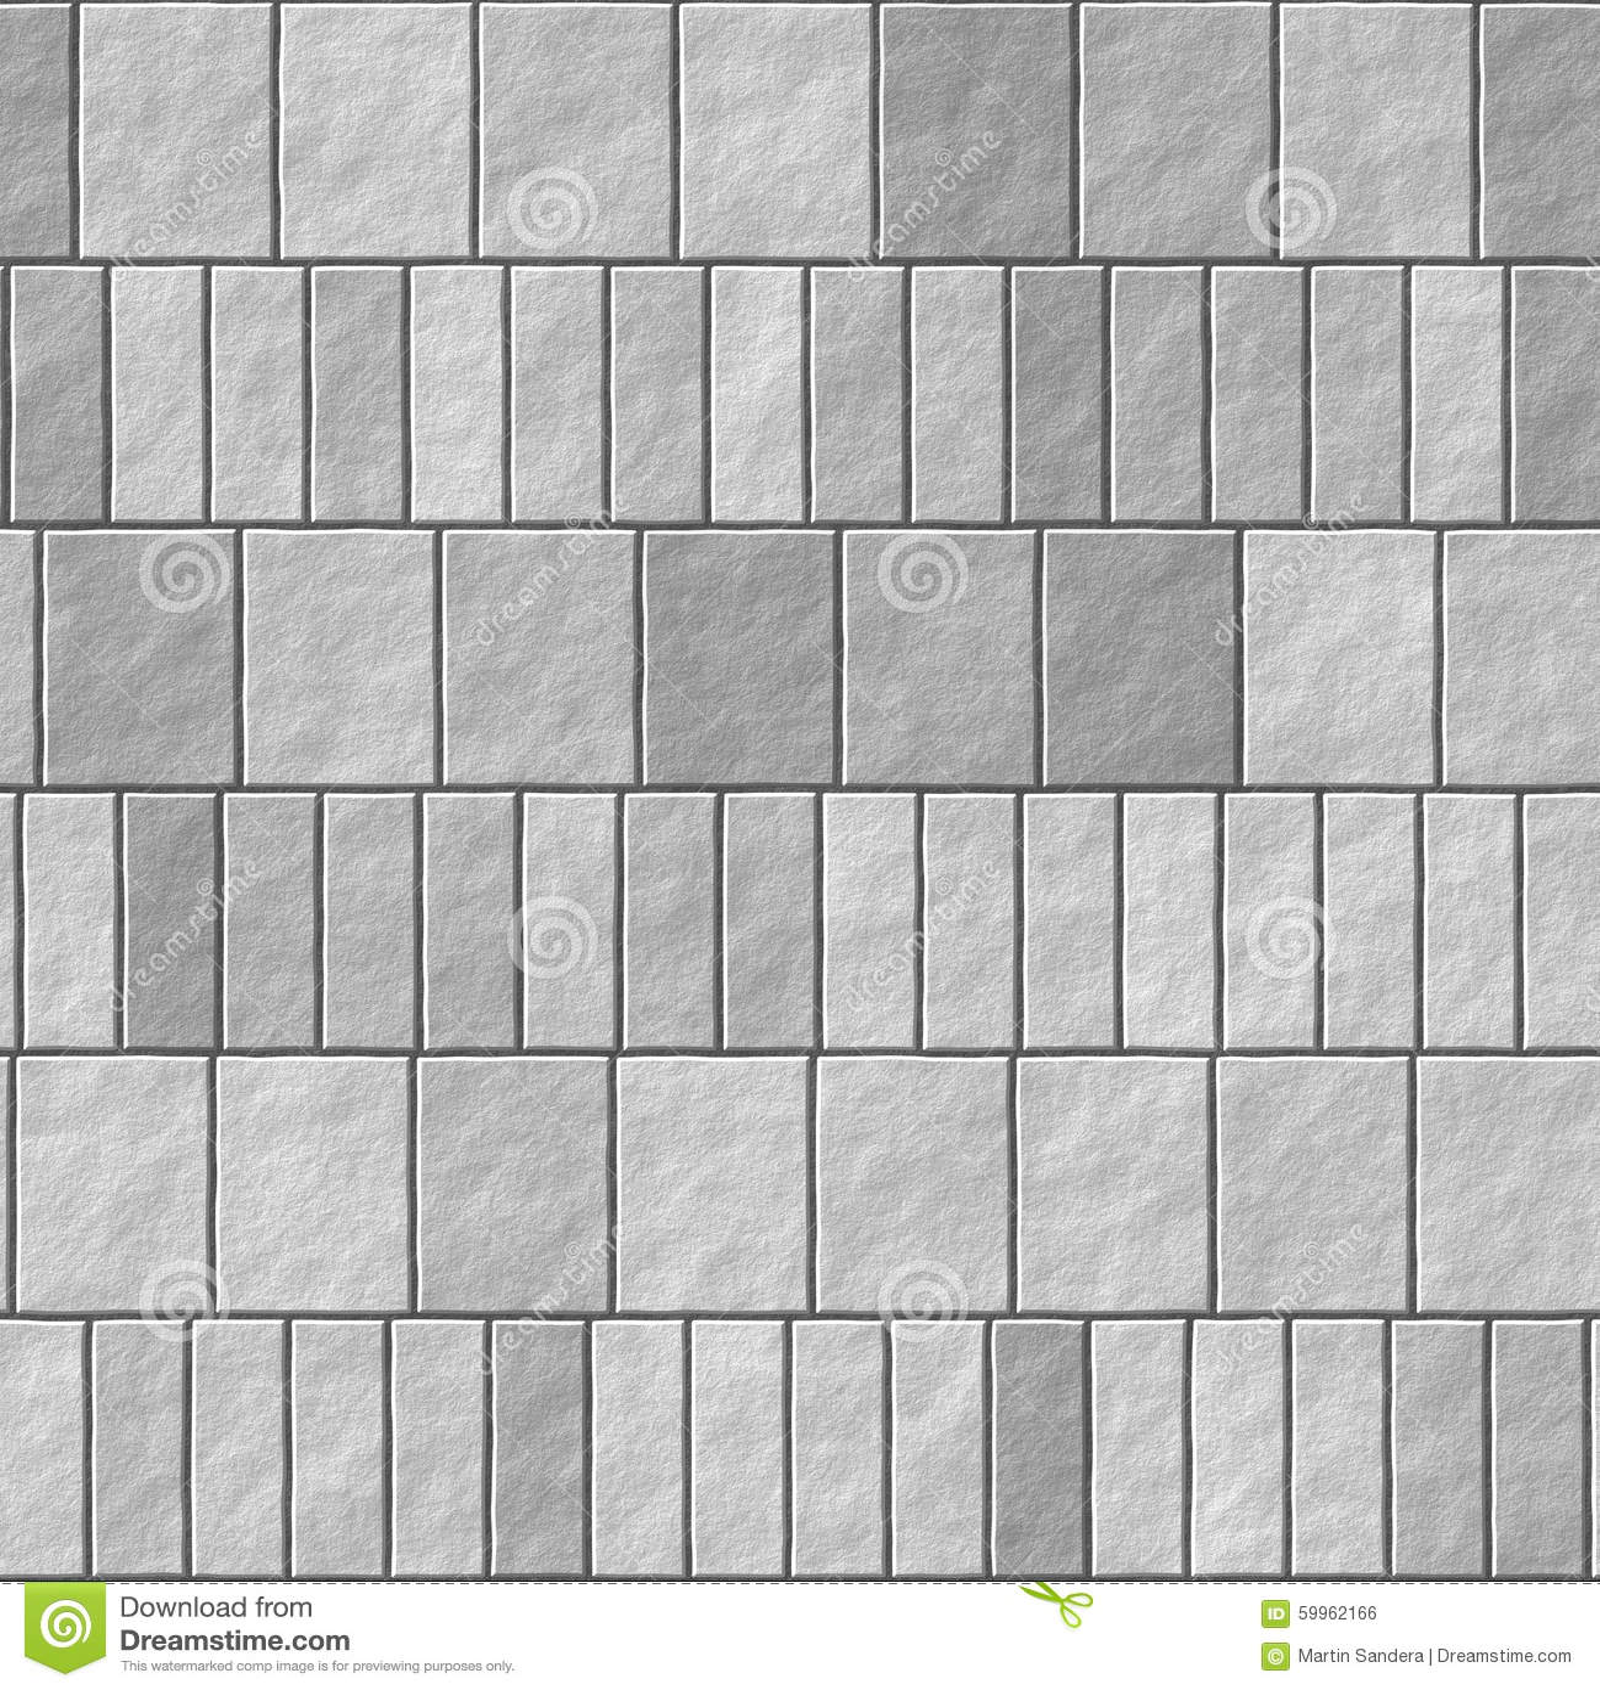 Γκρίζο υπόβαθρο απεικόνισης τουβλότοιχος άνευ ραφής - σχέδιο σύστασης για το συνεχές αντίγραφο Παλαιό γκρίζο υπόβαθρο τουβλότοιχο